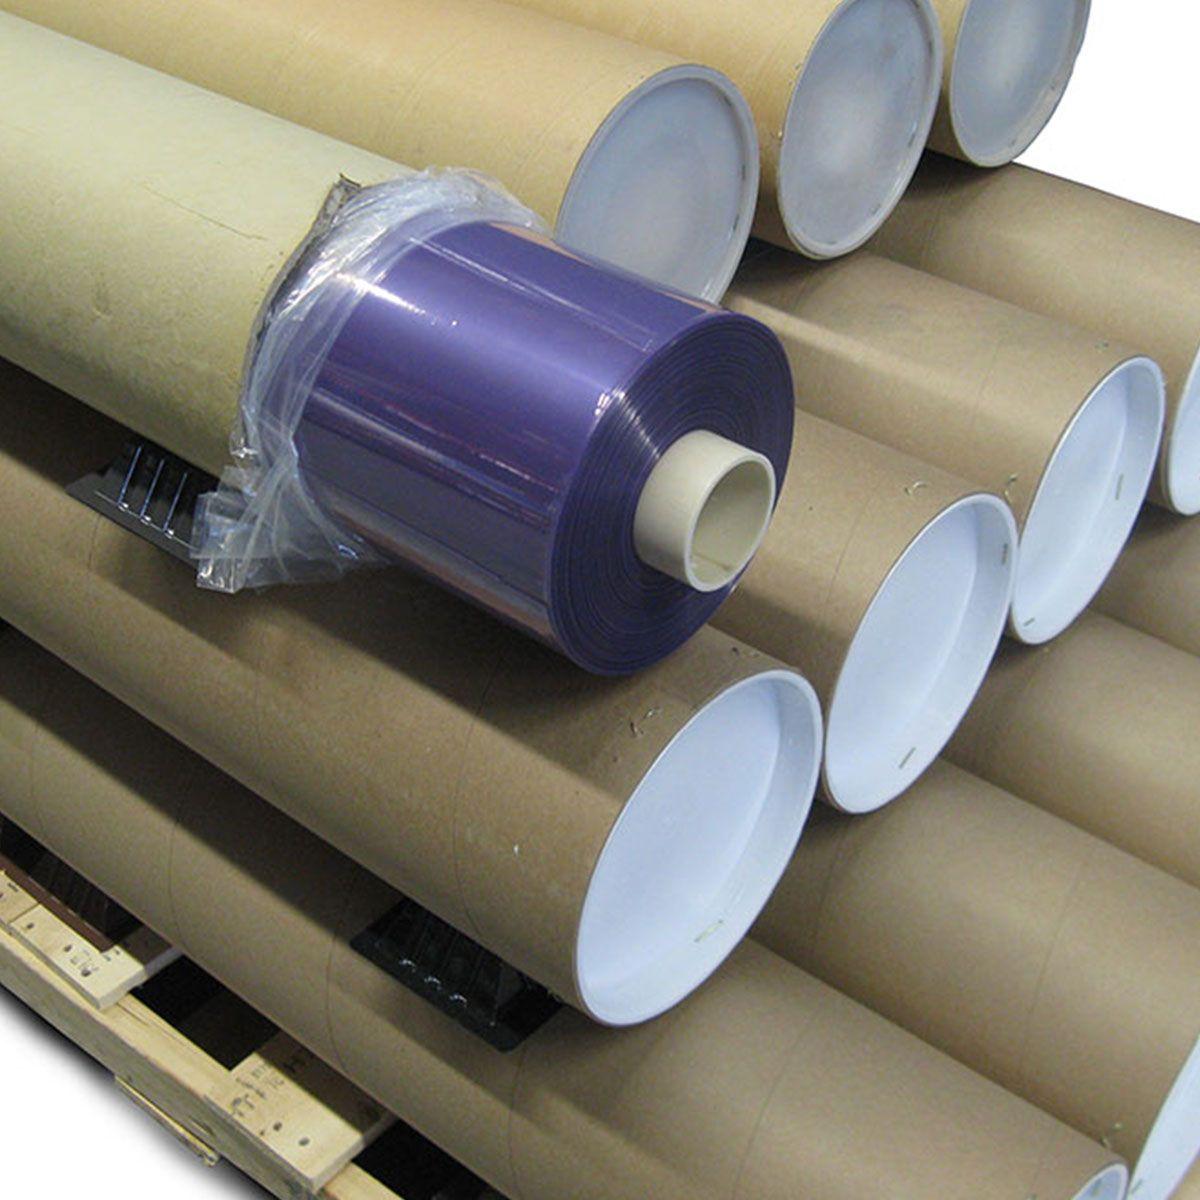 vakuum sack nylon 1370 lila sht 0100mm x 1370mm 27126m